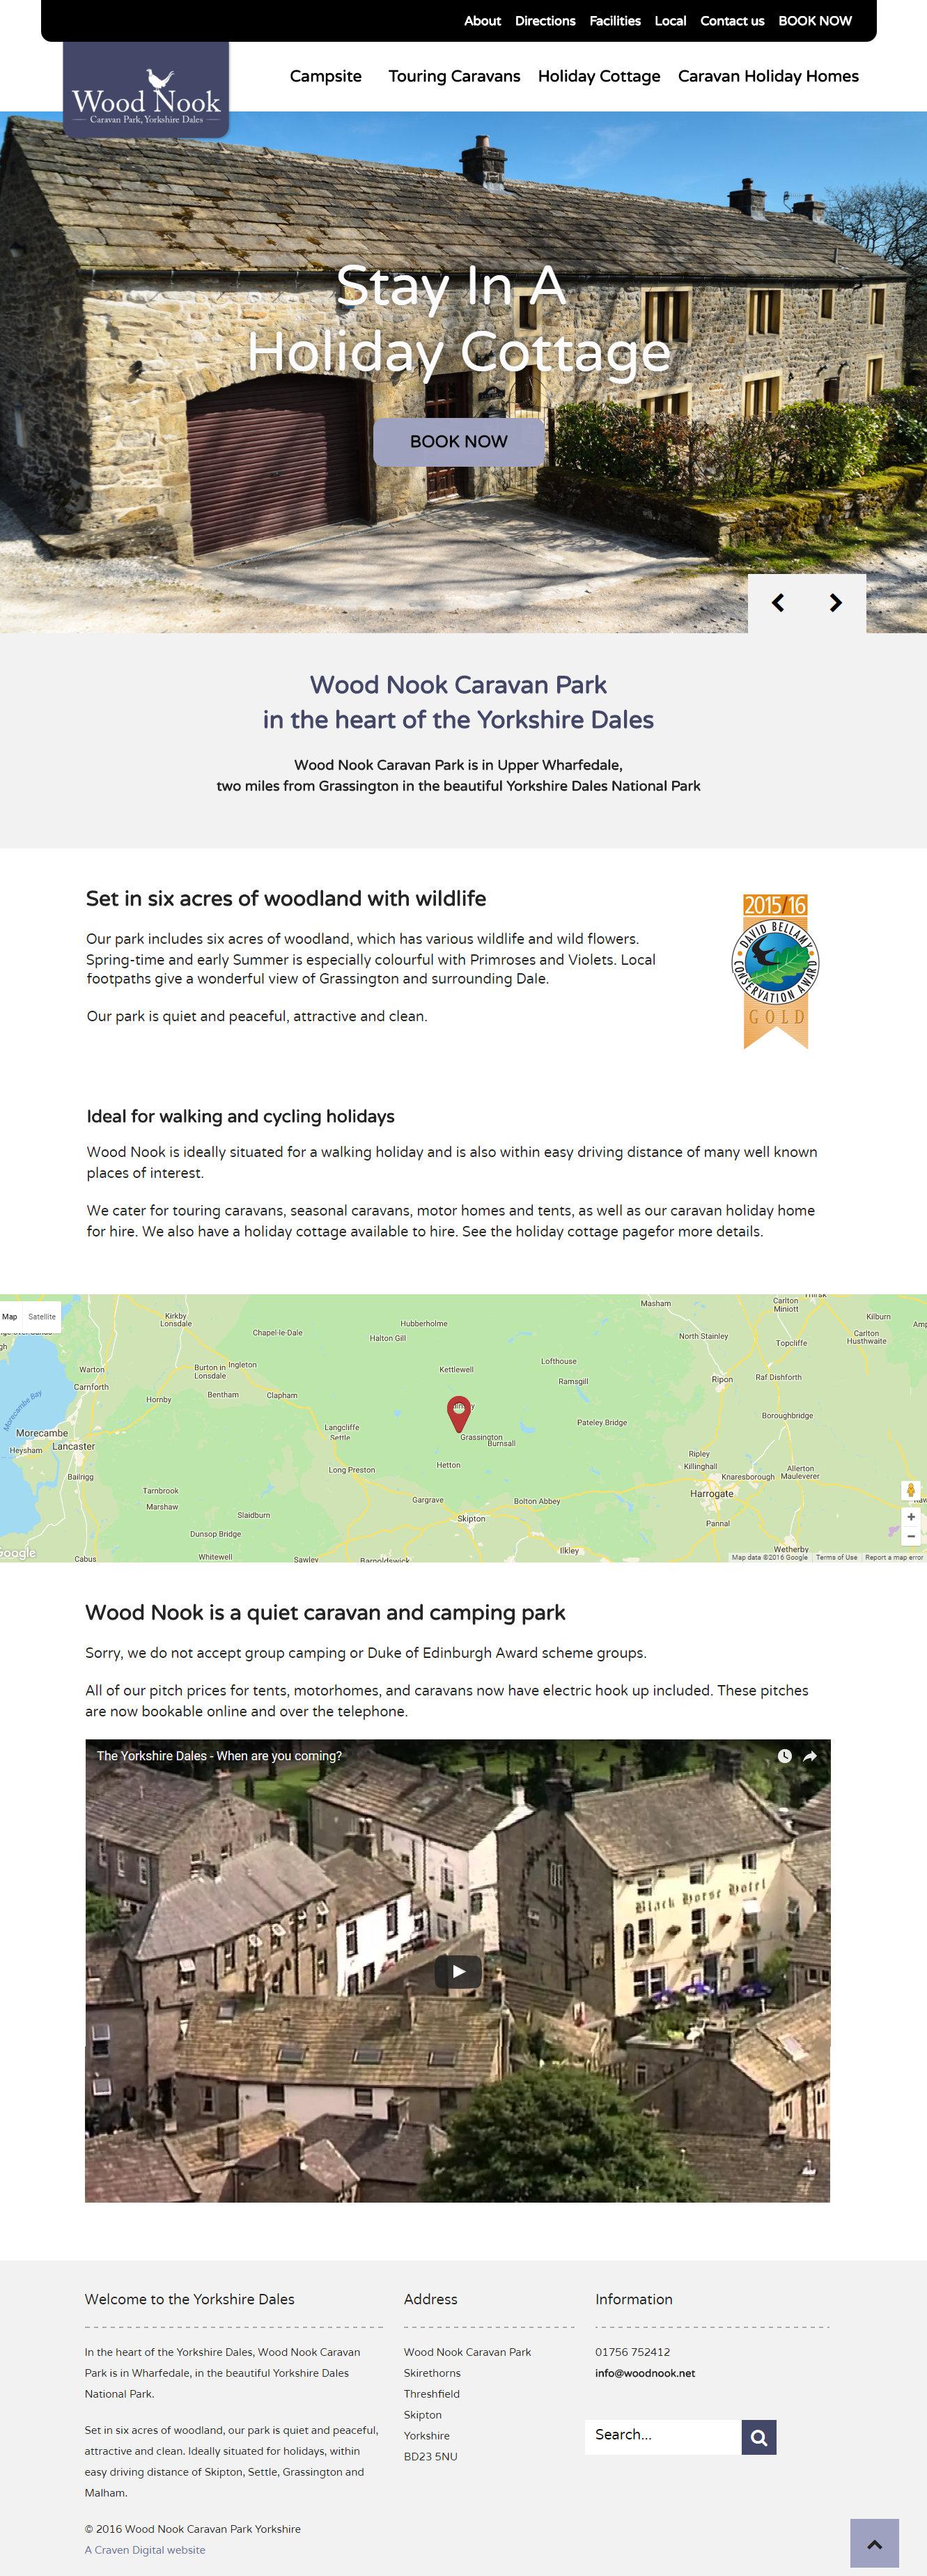 woodnook-website-homepage